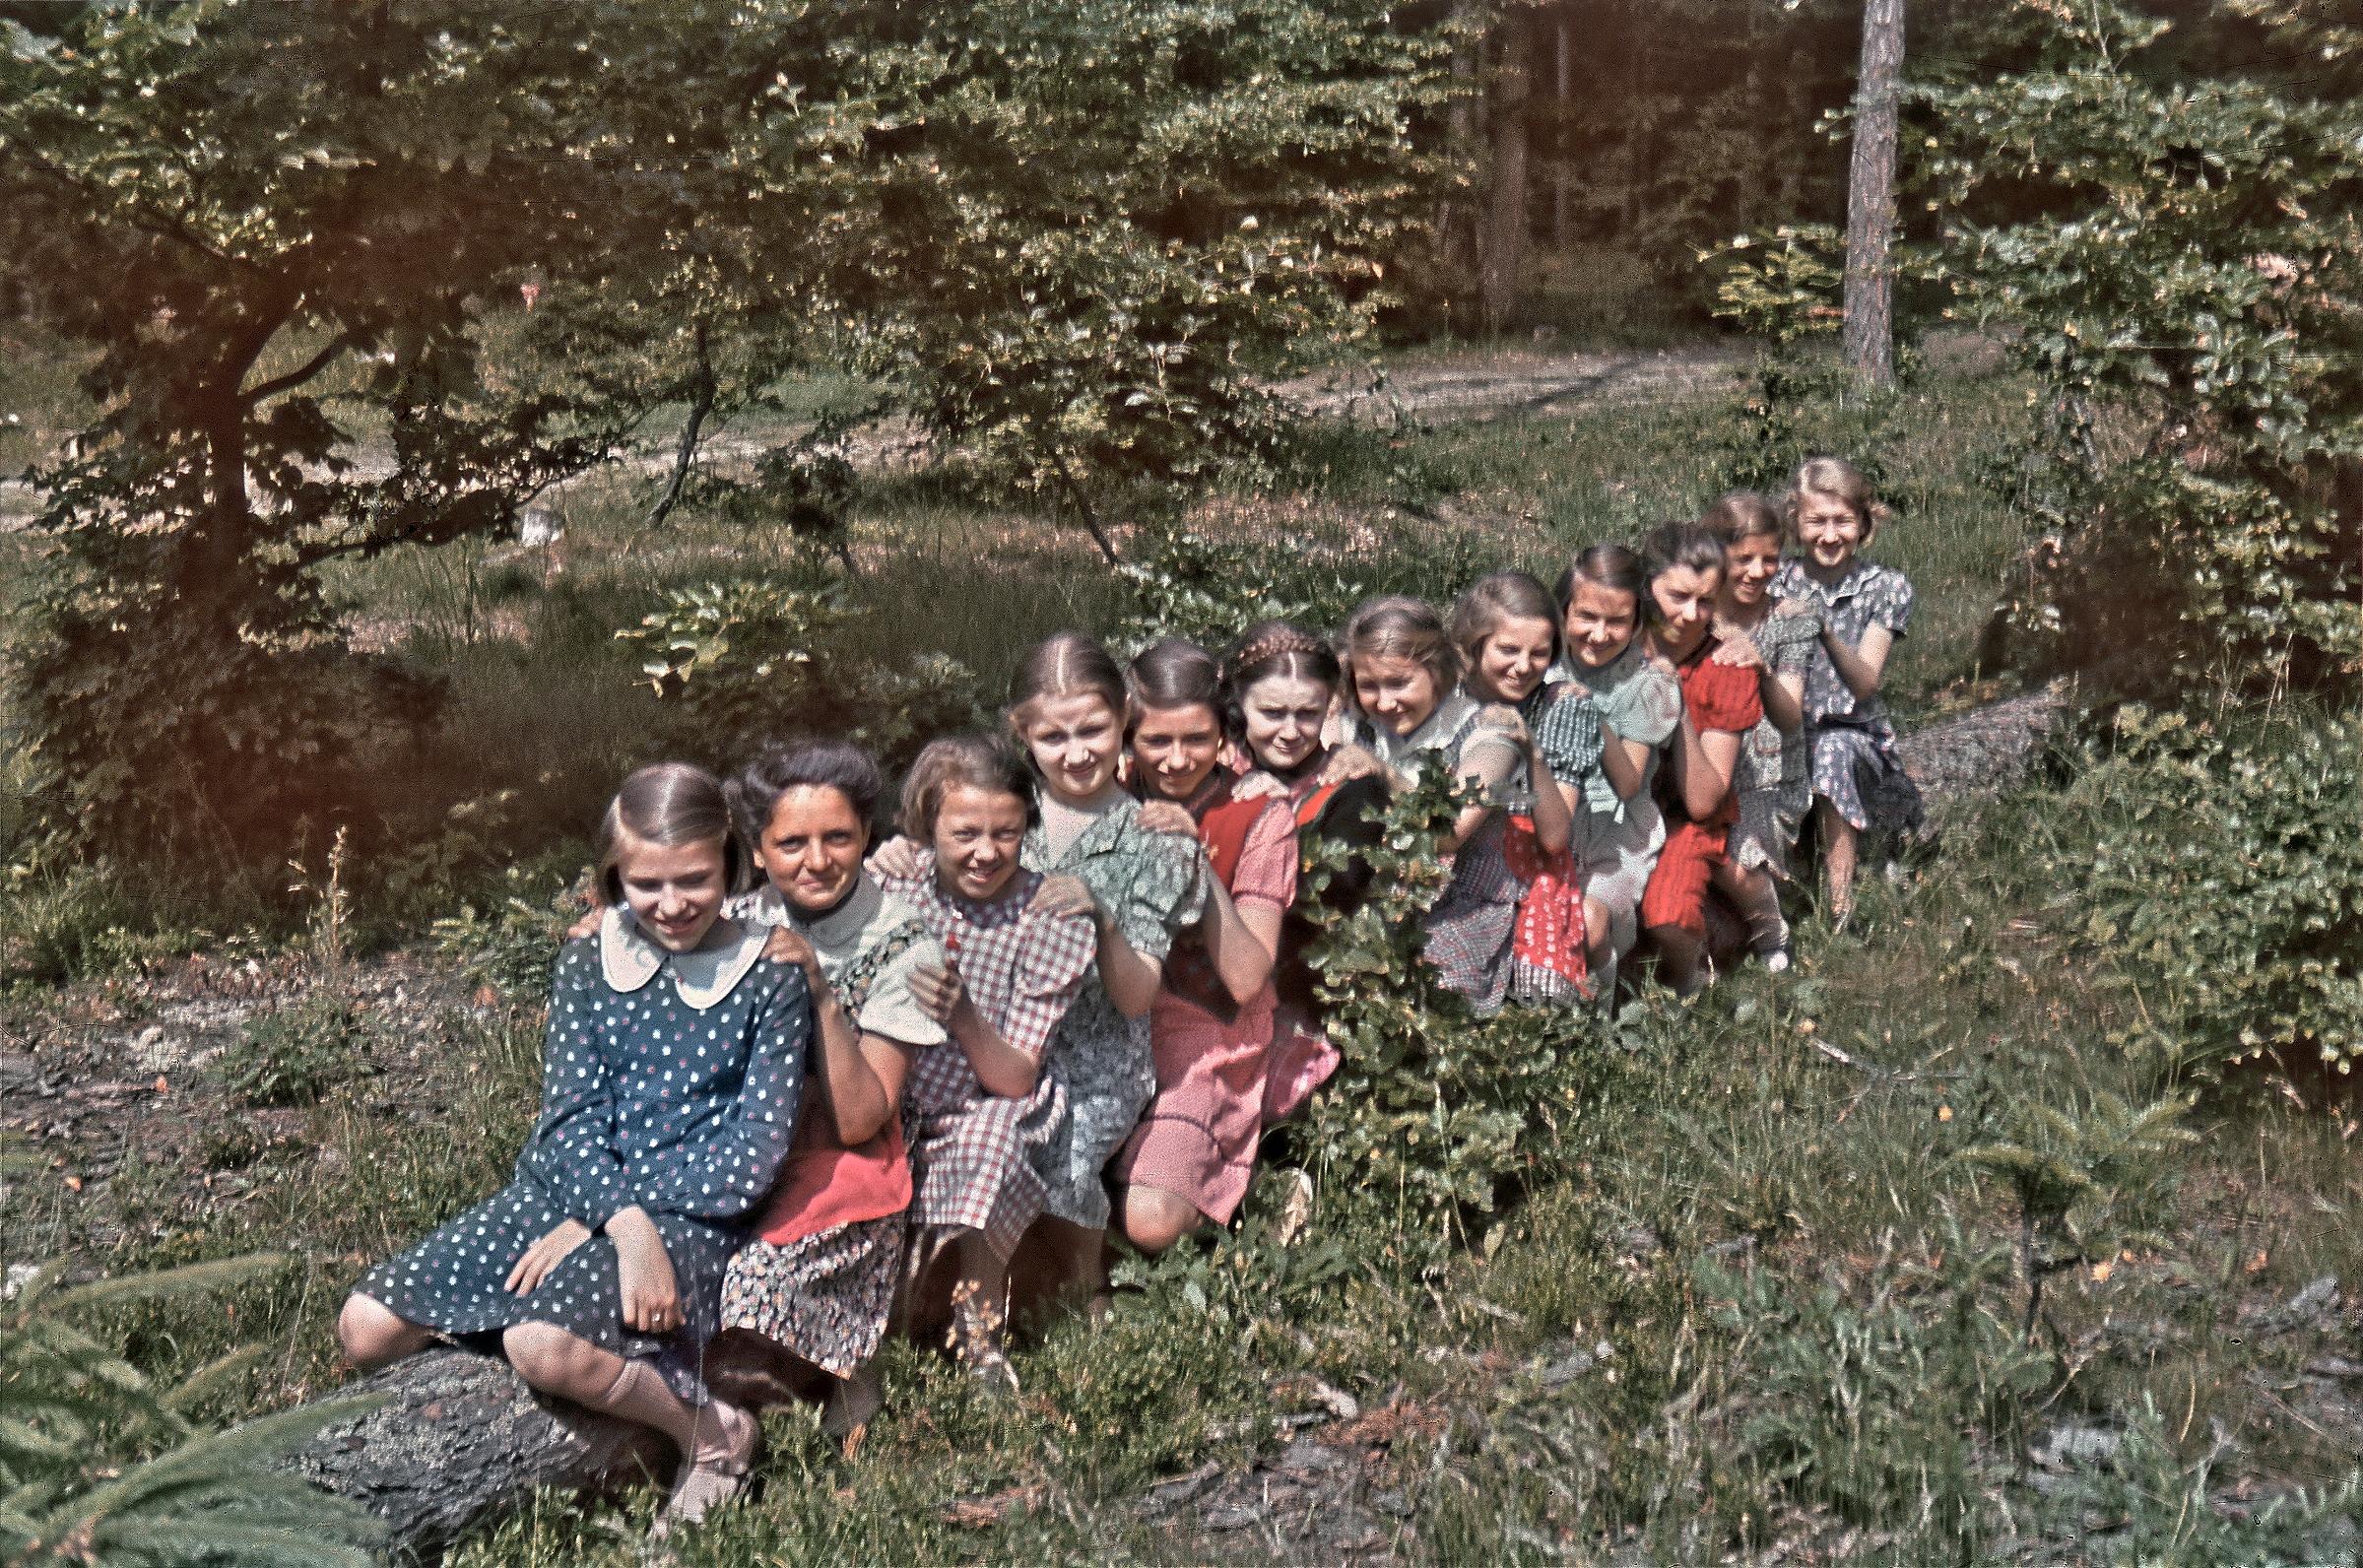 Farbfoto der 30er Jahre, Reihe auf Baumstamm